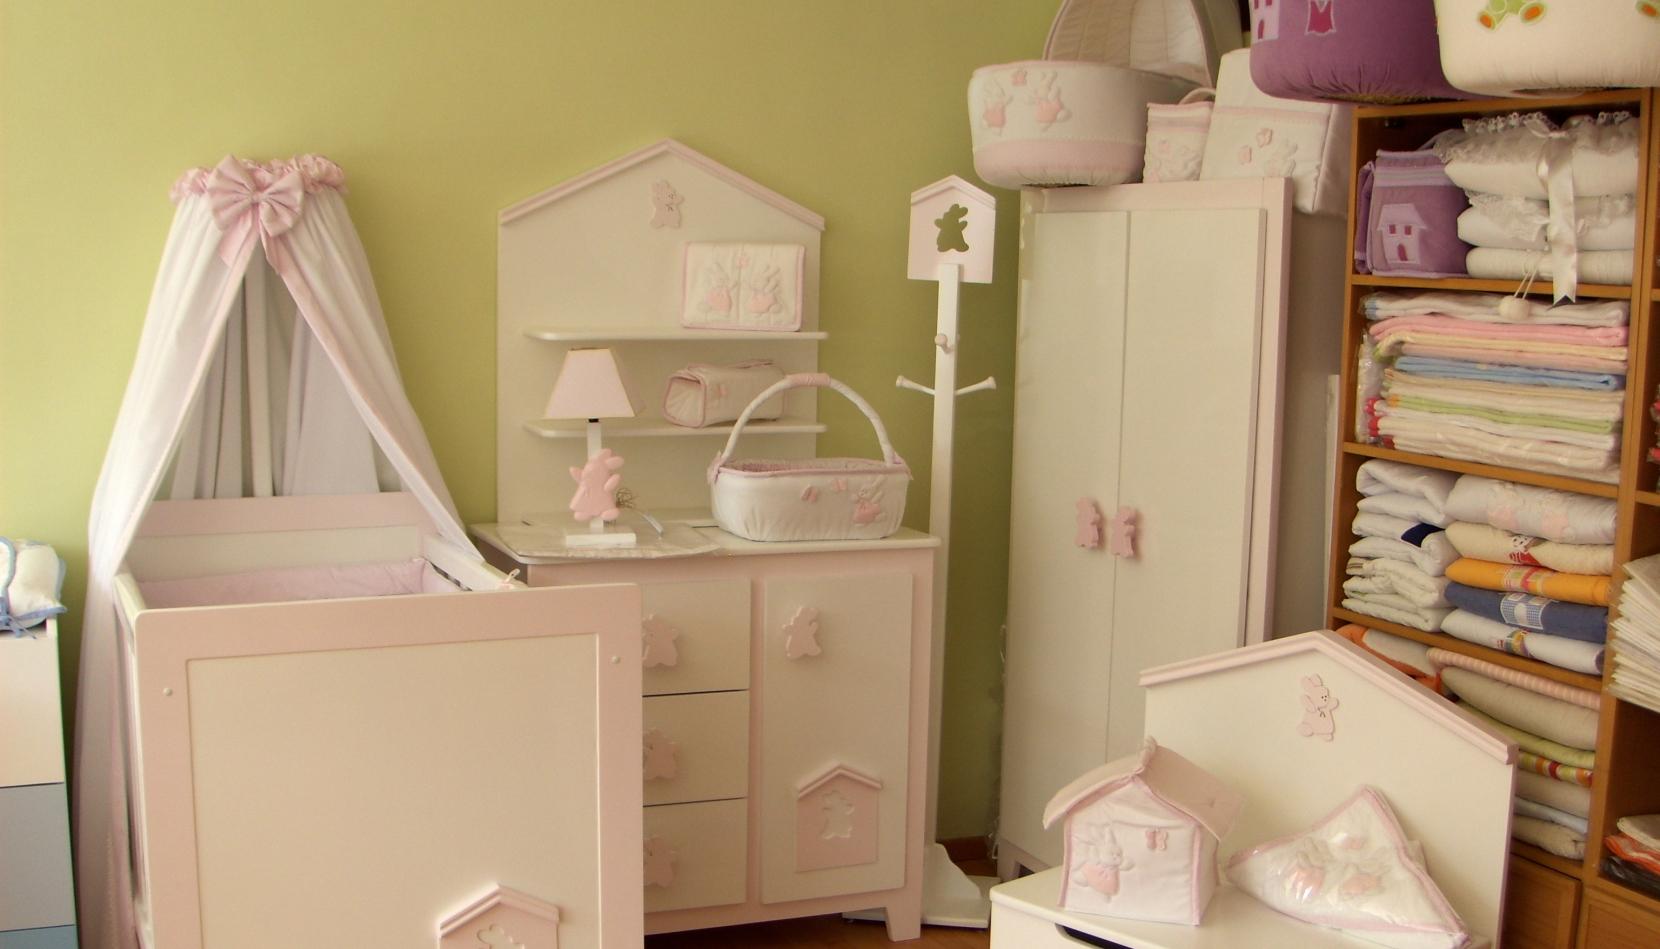 Chambre bébé magasin belgique - Idées de tricot gratuit